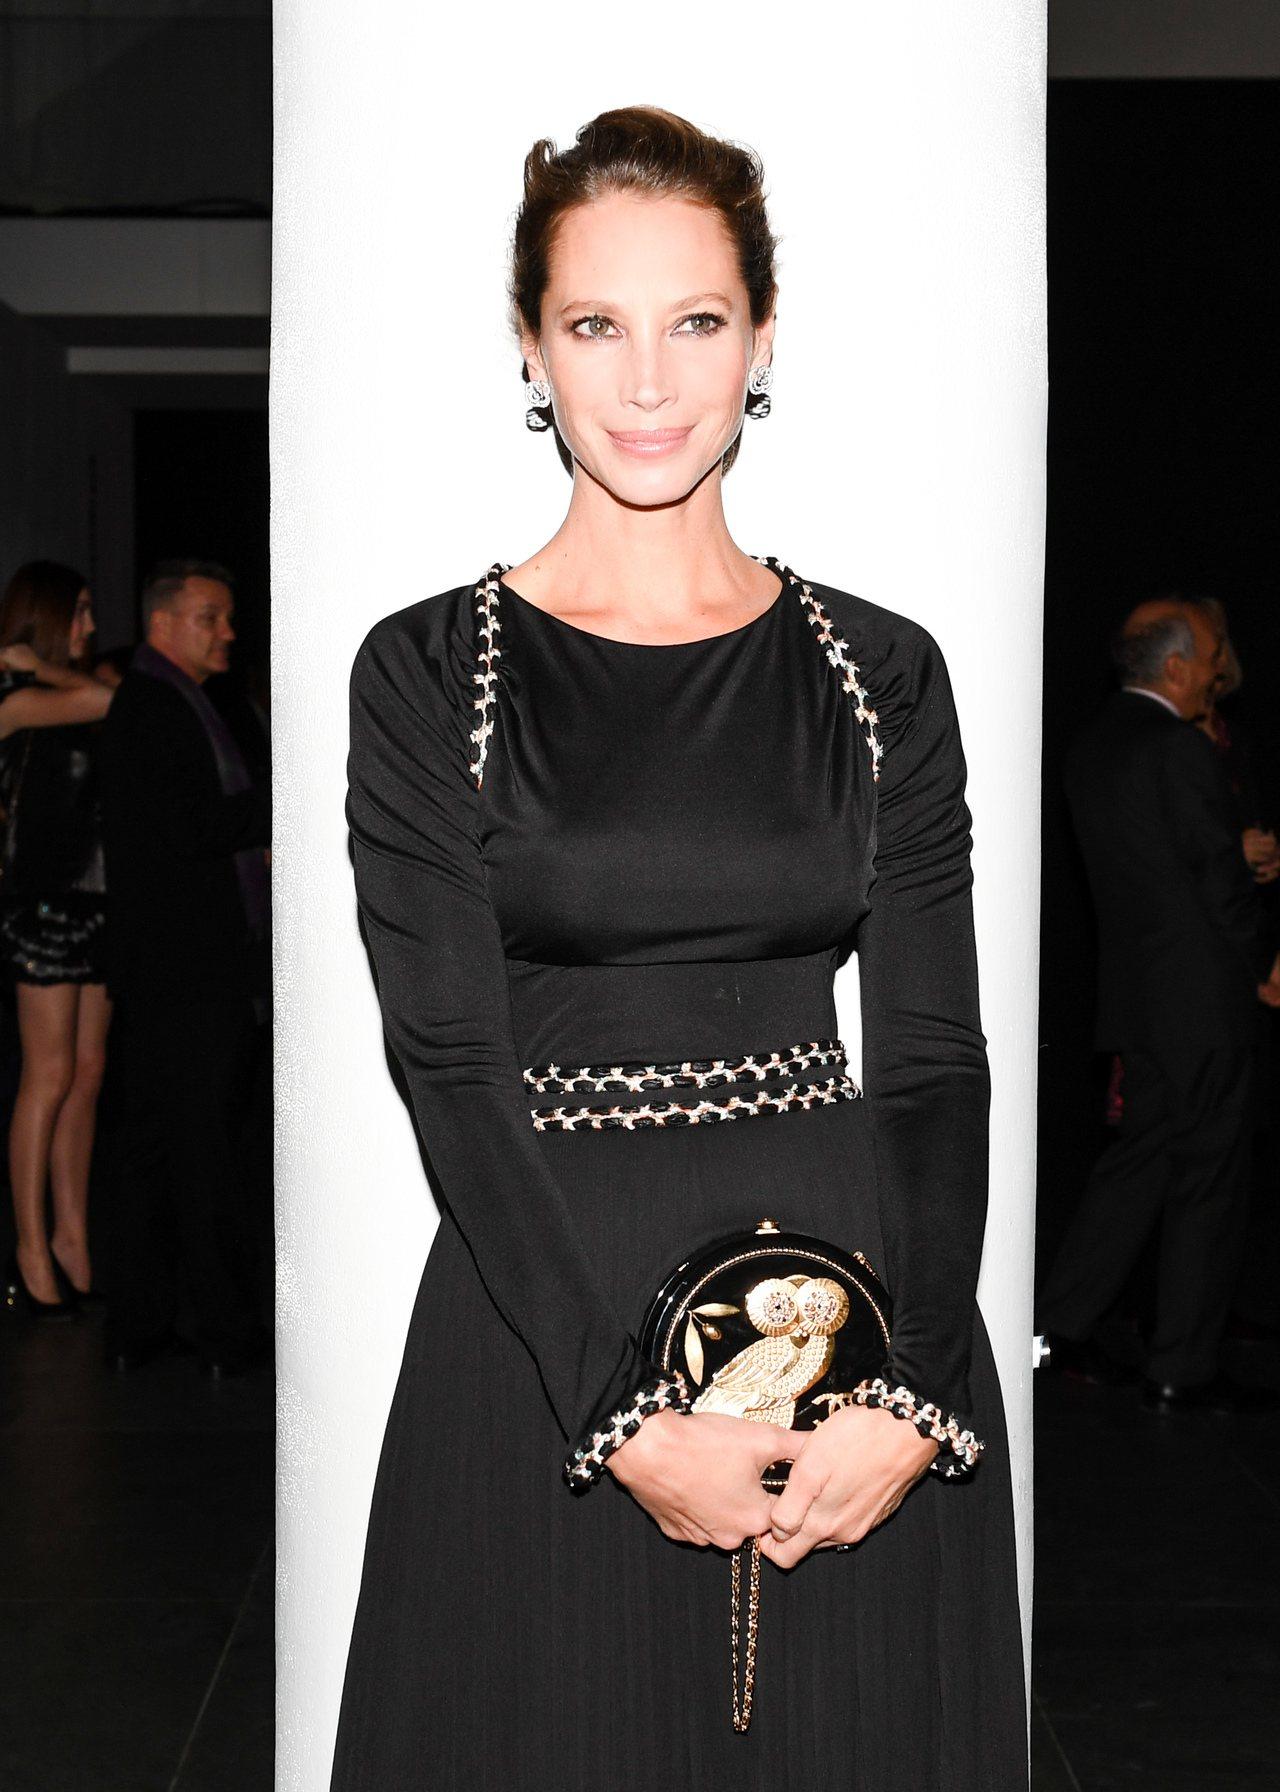 傳奇超模克莉絲蒂杜靈頓也穿著香奈兒2017/18 Cruise度假系列黑色真絲上...